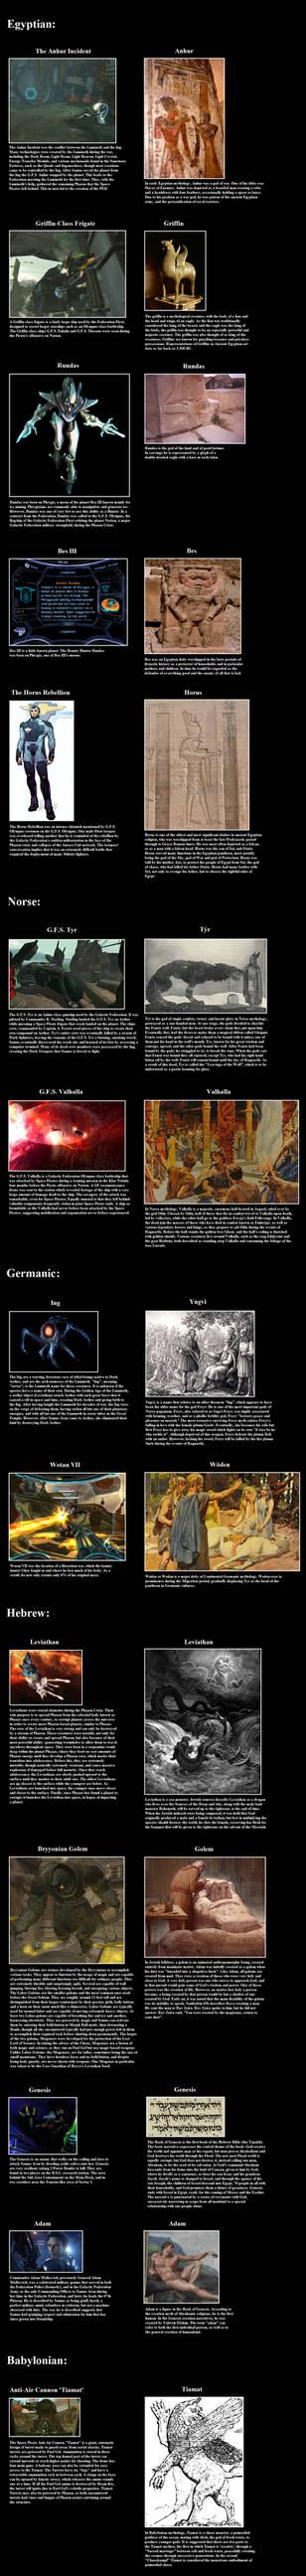 Metroid And Mythology 2